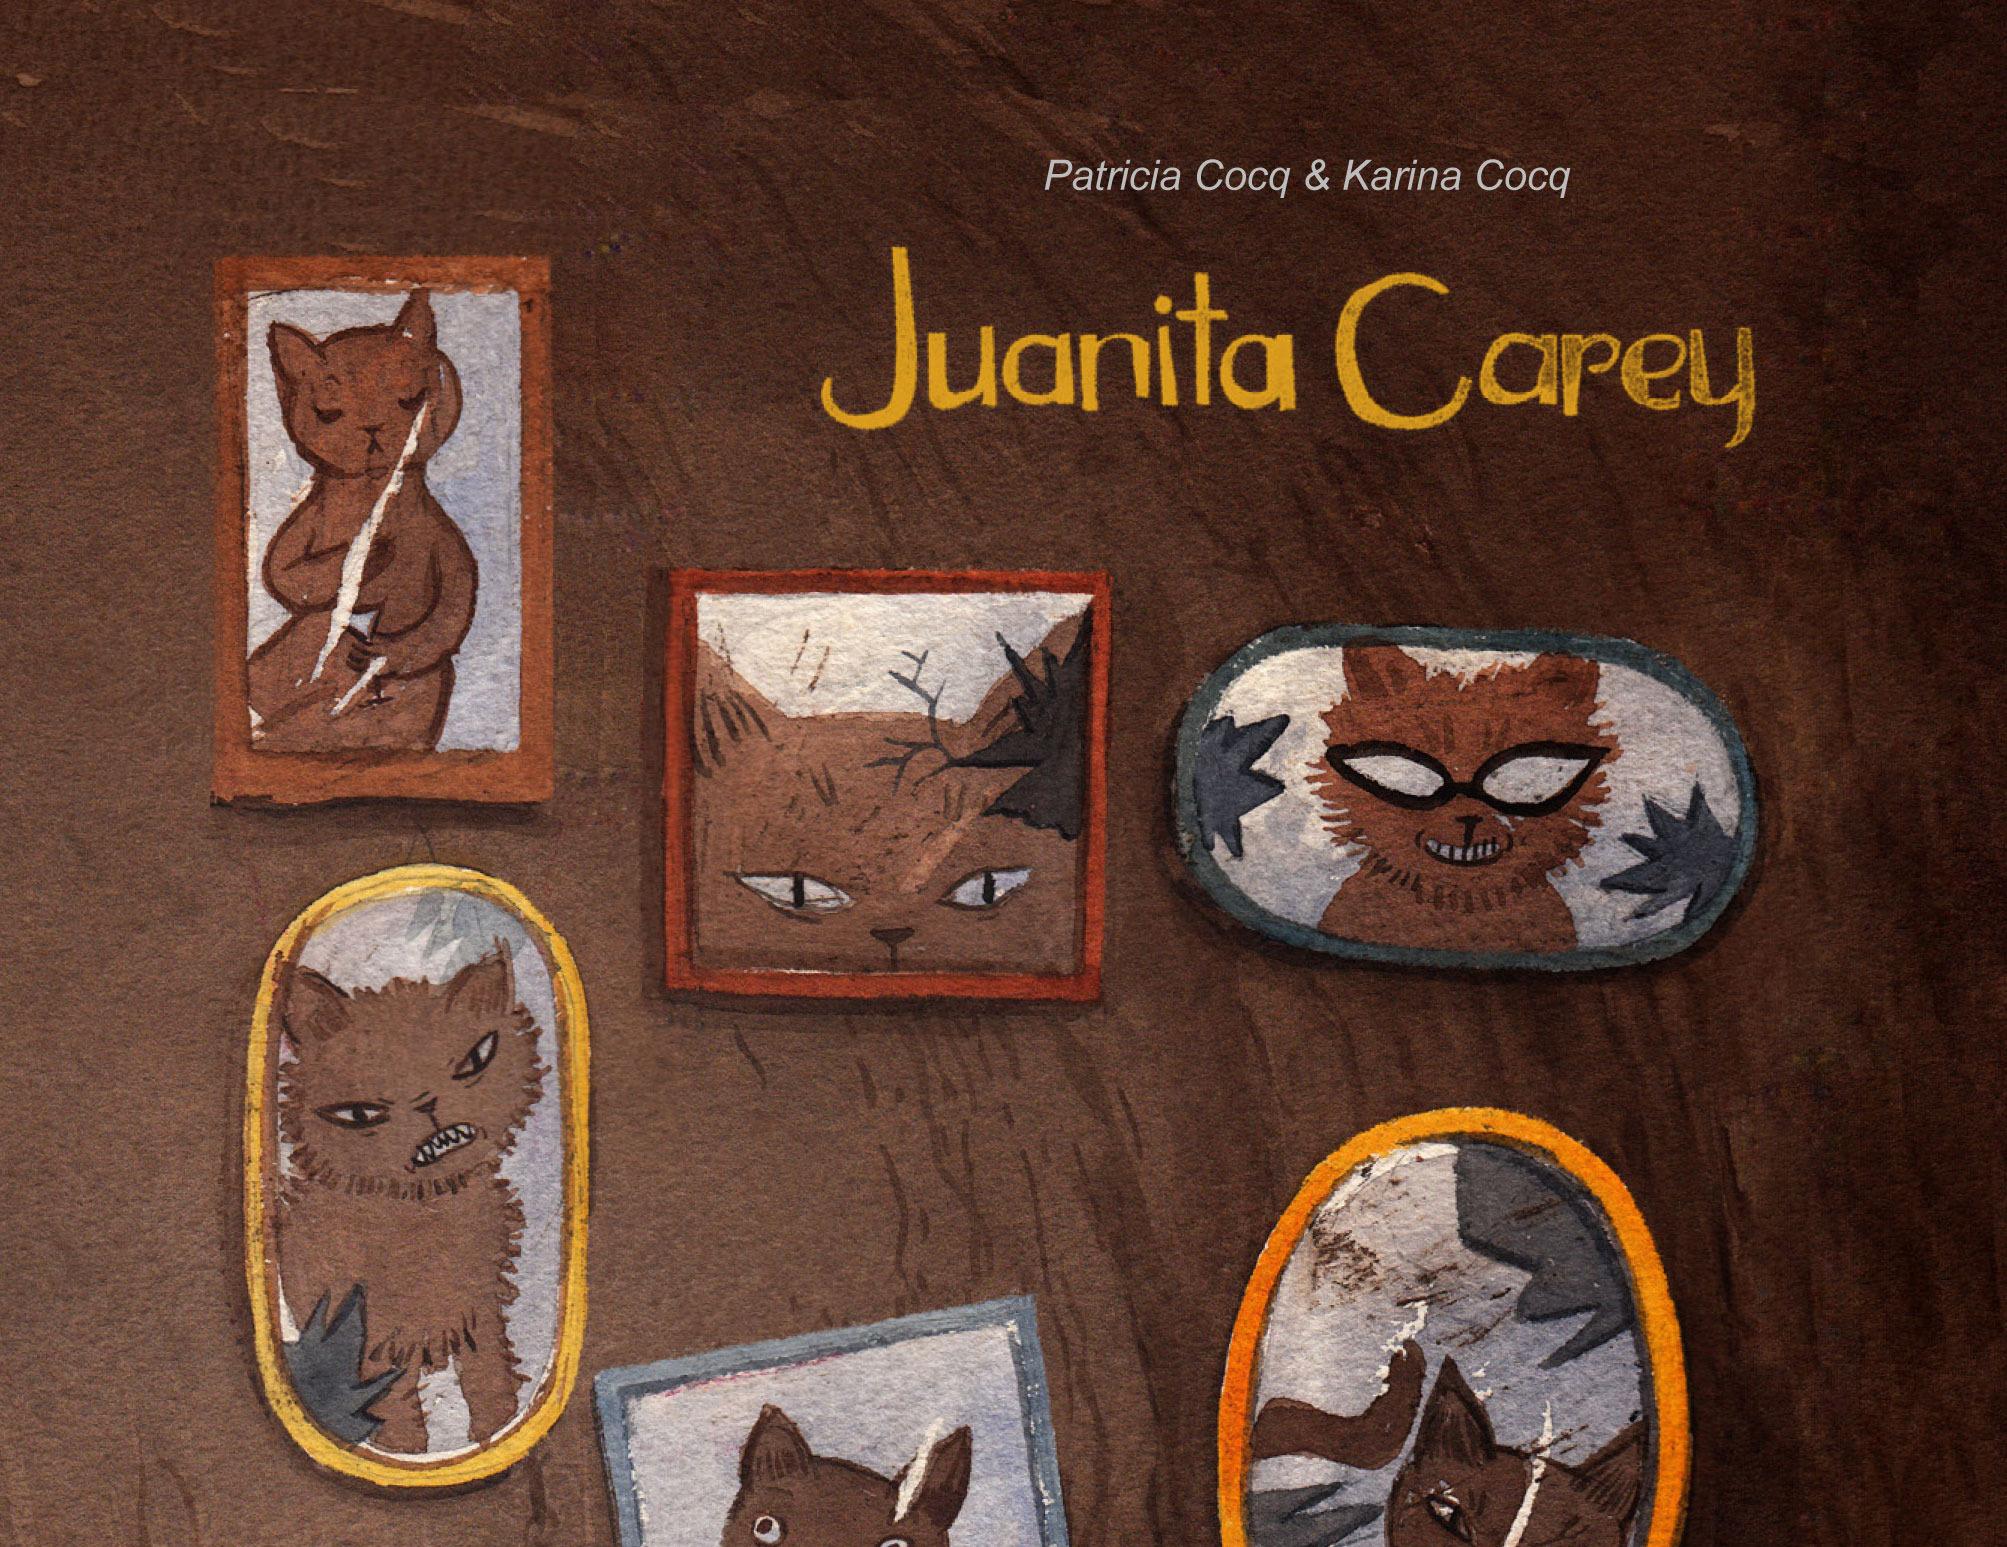 ¡Publiquemos Juanita Carey!